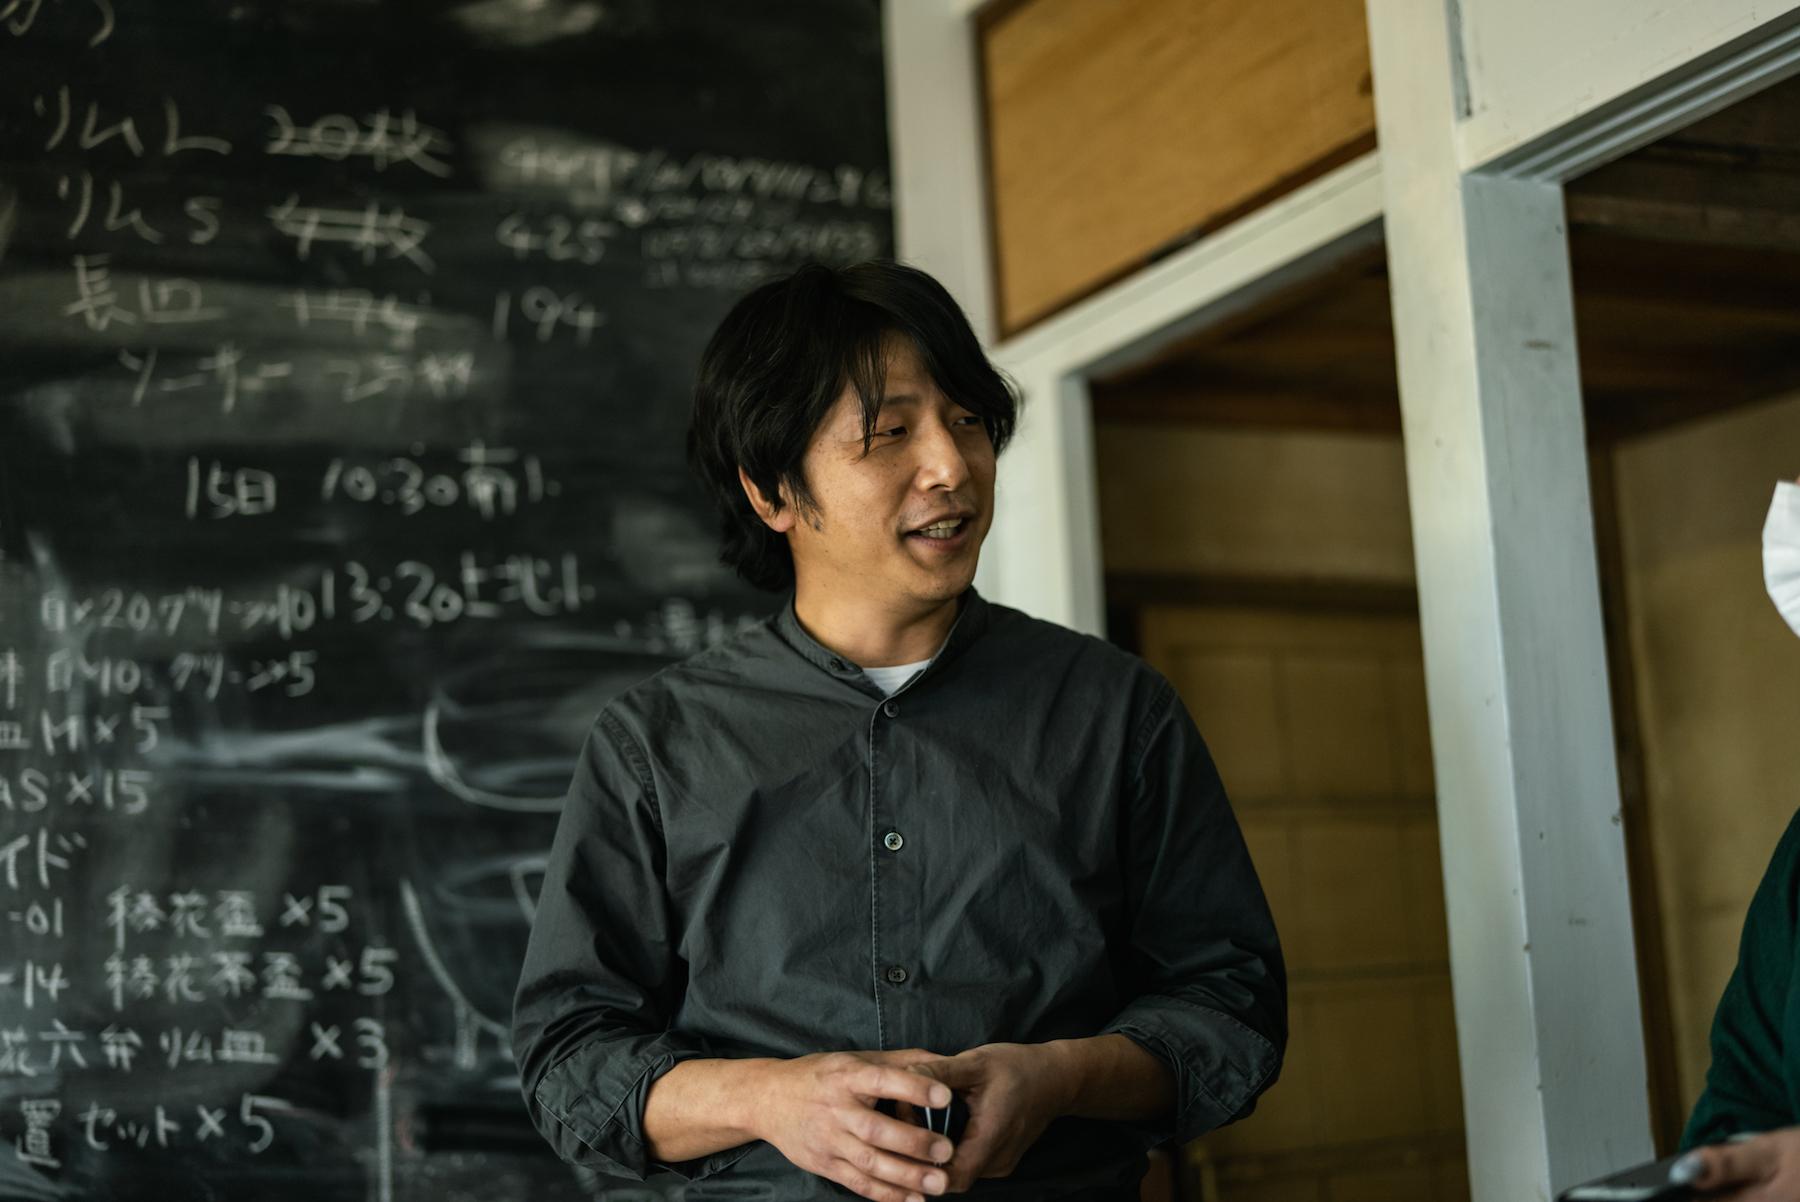 宇佐美 裕之(Hiroyuki Usami)氏 USUKIYAKI研究所 代表取締役、陶芸家、料理人。大分県臼杵市出身。江戸時代後期に途絶えた臼杵焼を今に復活させ、皿山や焼物の歴史を伝えつつ、これから新しい歴史を紡ぐ「現代版」臼杵焼を広めていくため、USUKIYAKI研究所を立ち上げ、活動の幅を広げている。